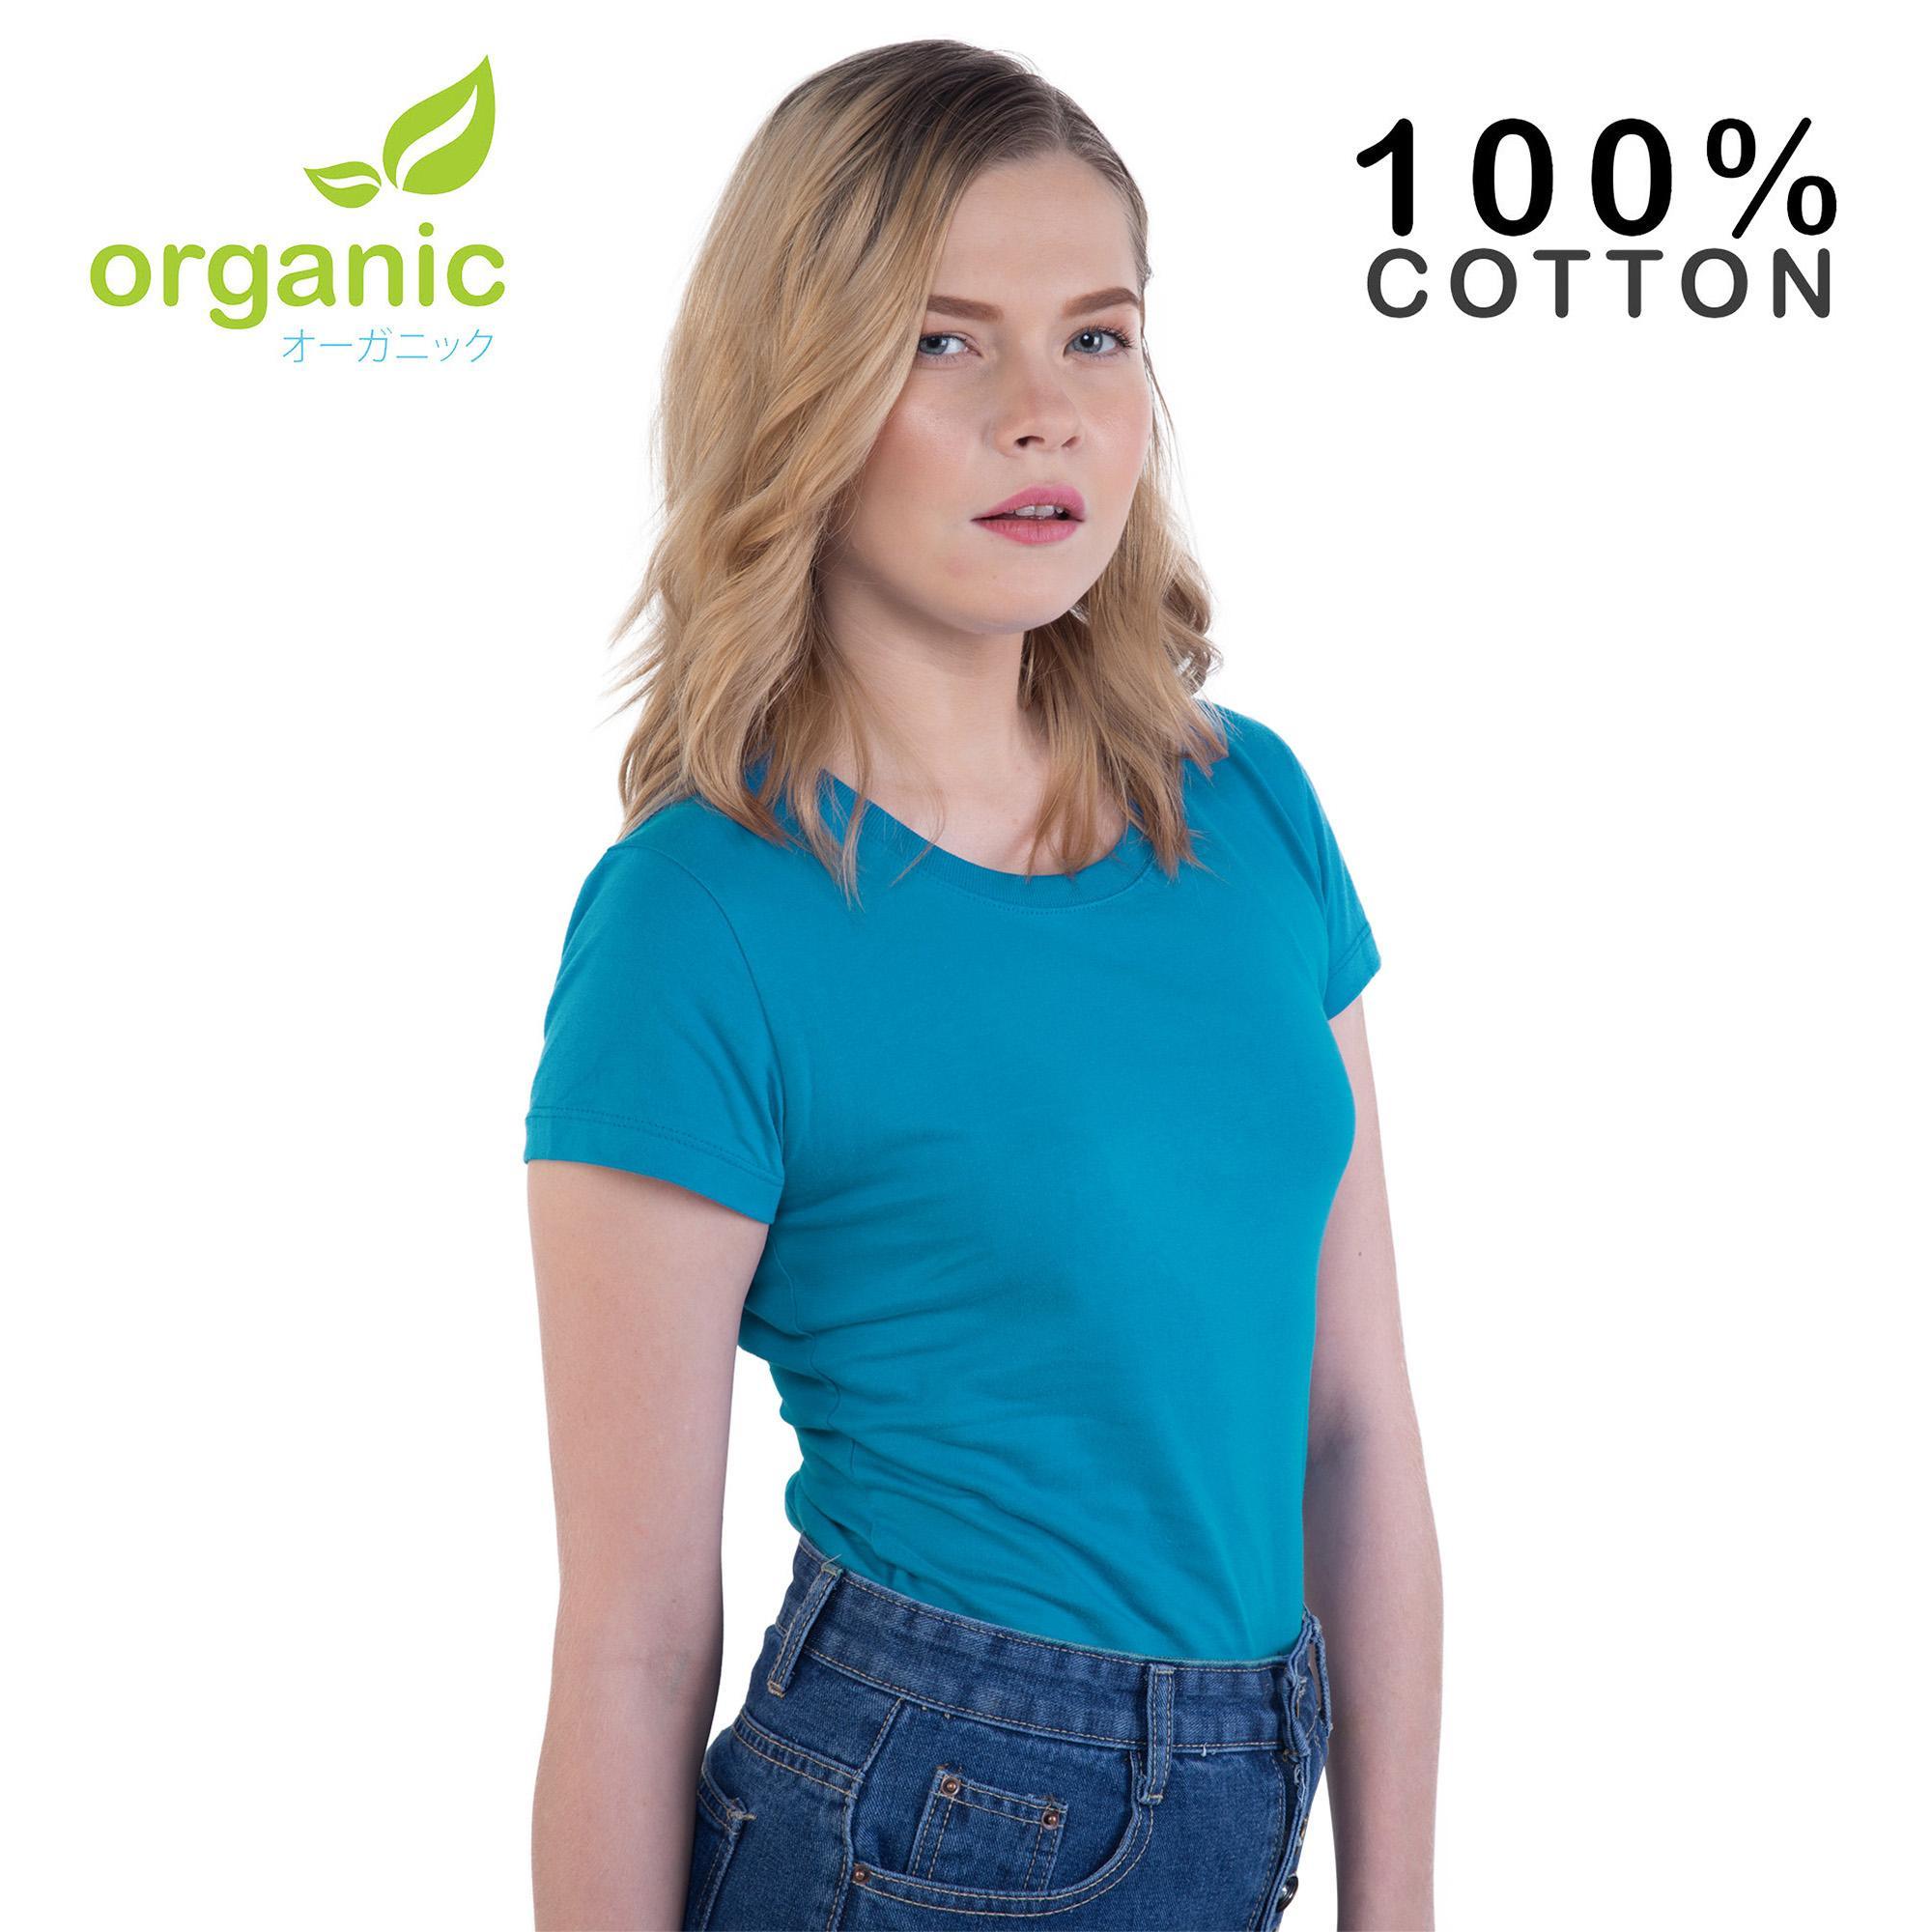 e25192d46640 Organic Ladies 100% Cotton Round Neck Fashionable Tees t shirt tshirt  shirts tshirts blouse tops